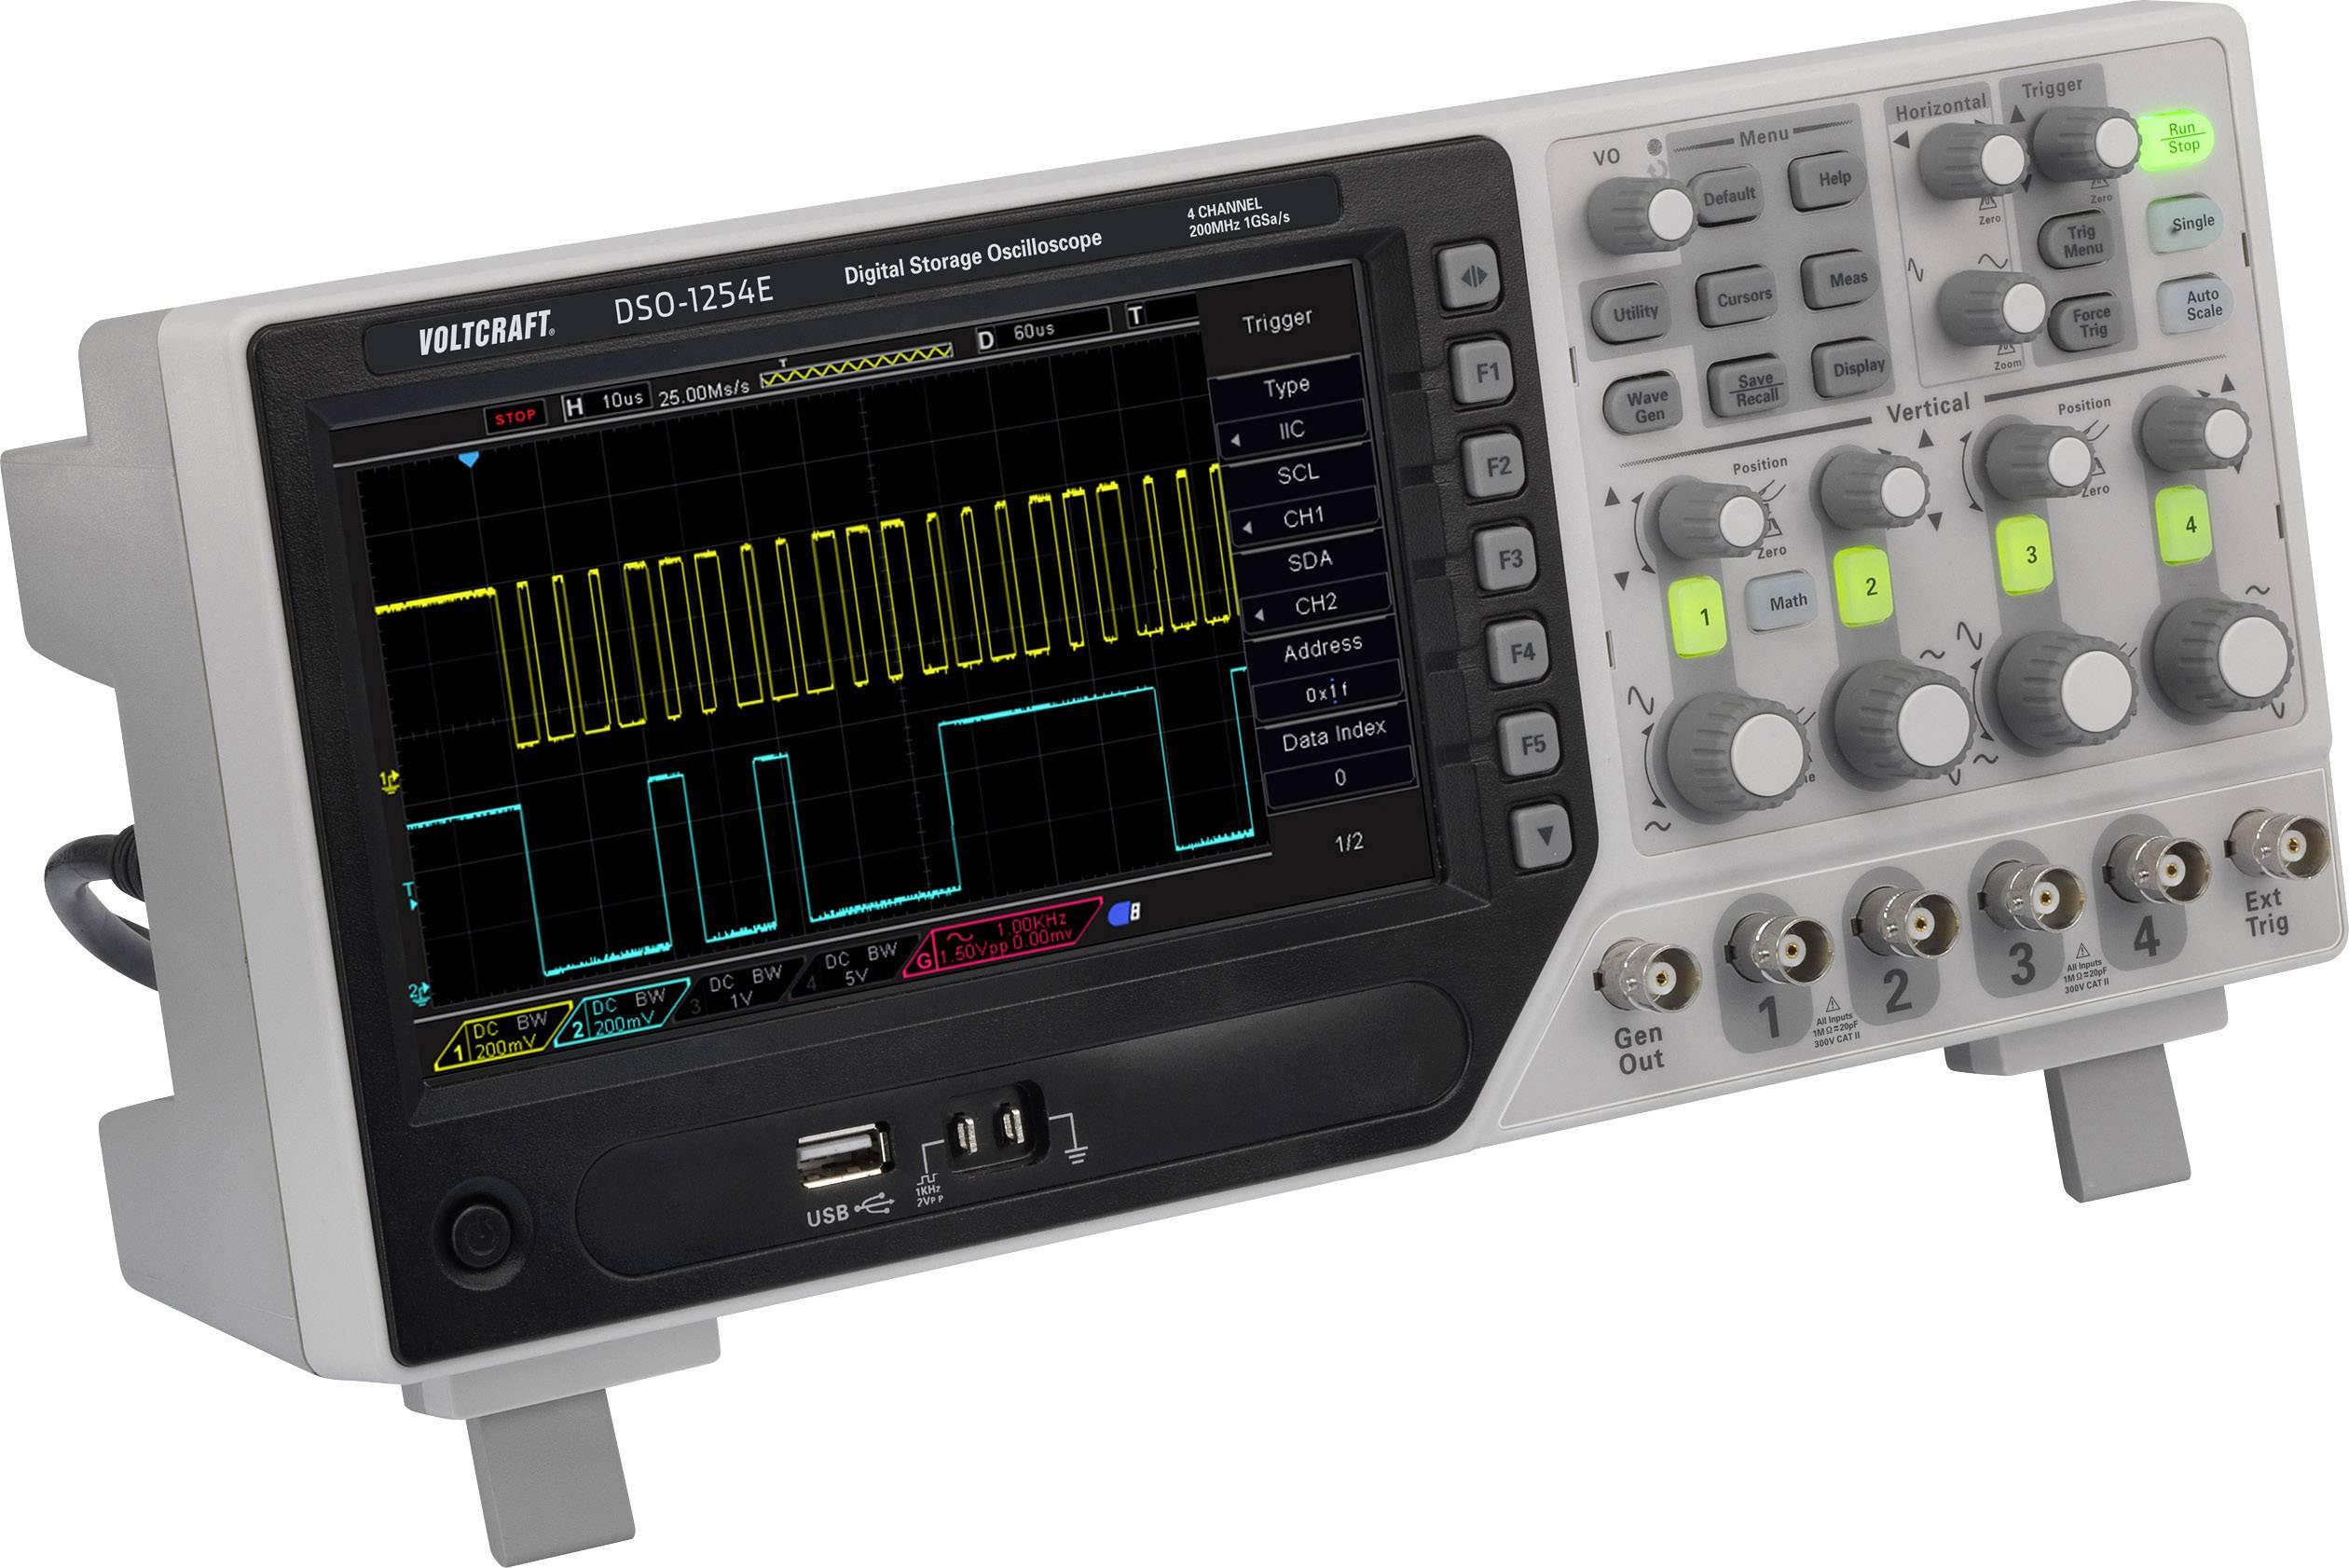 Digitální osciloskop VOLTCRAFT DSO-1204F, 200 MHz, 4kanálový